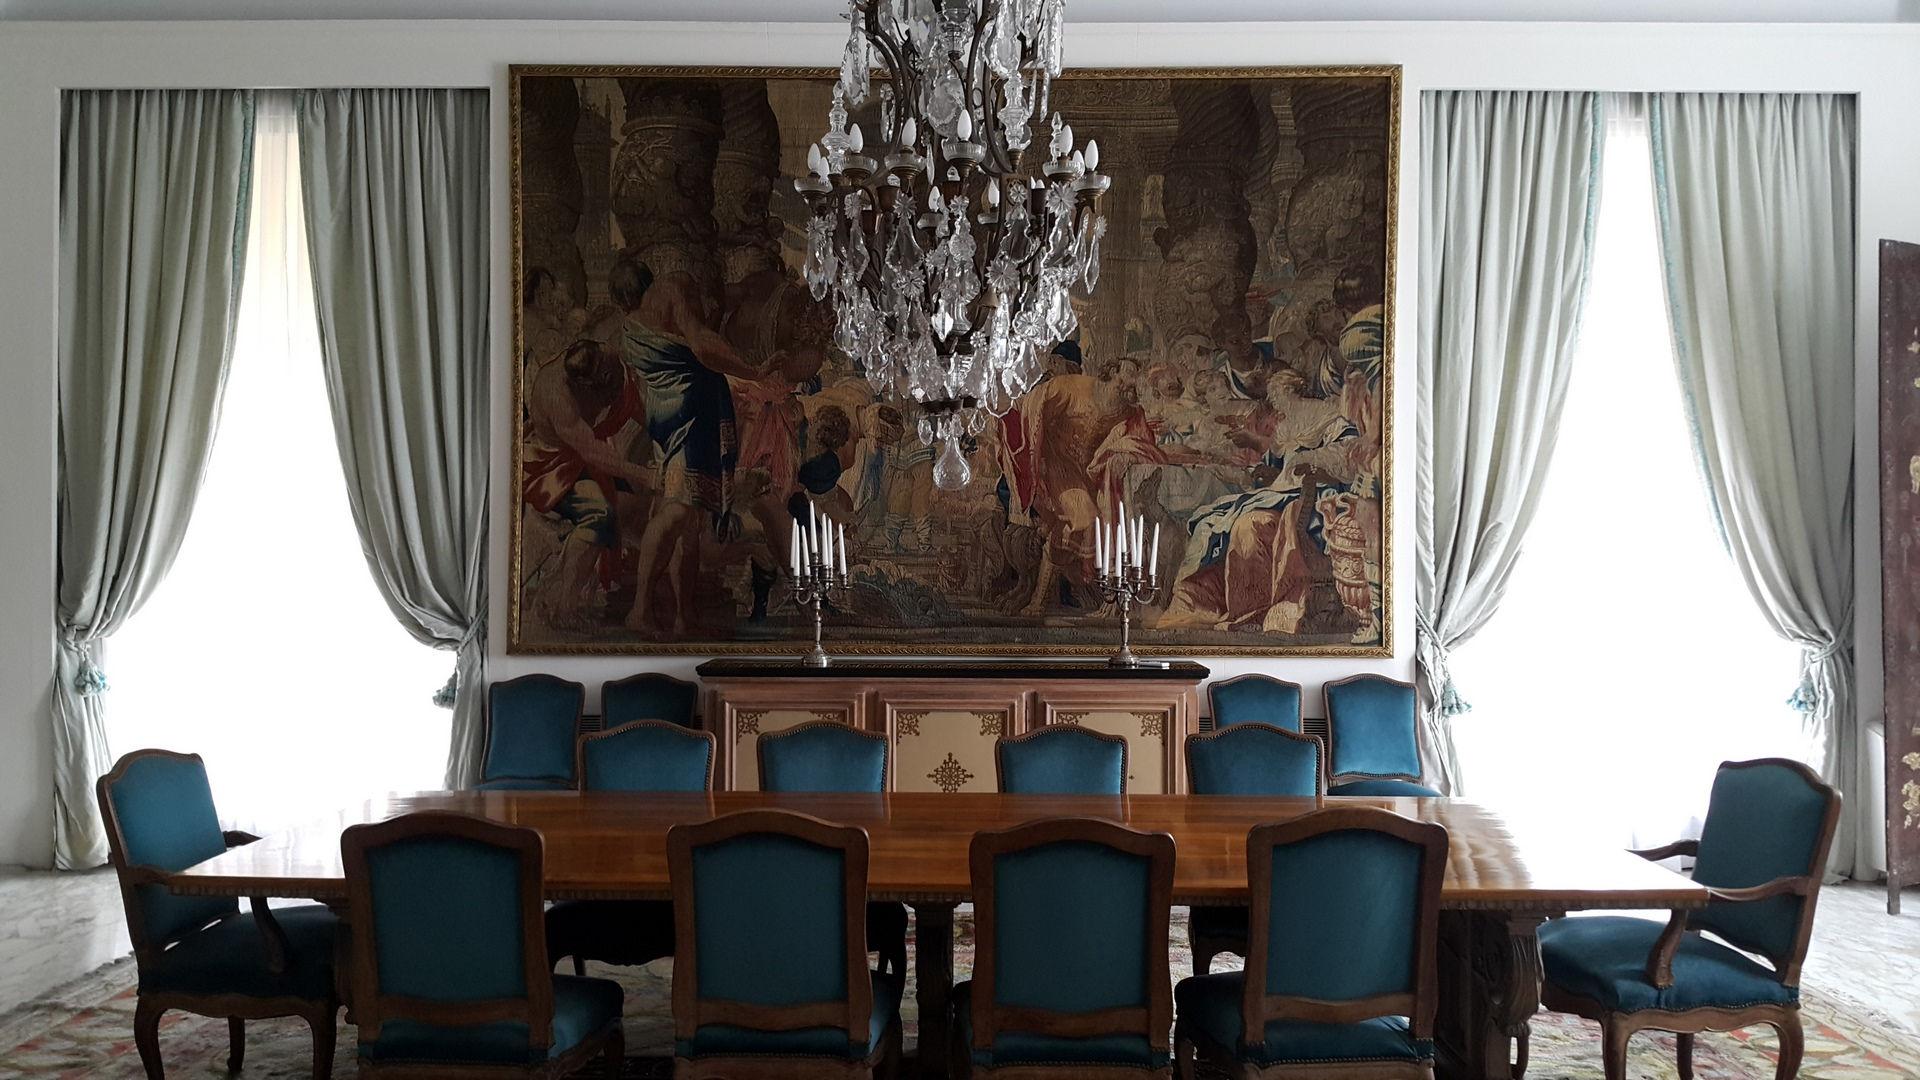 Una visita a la Residencia del Embajador de Uruguay en Buenos Aires.